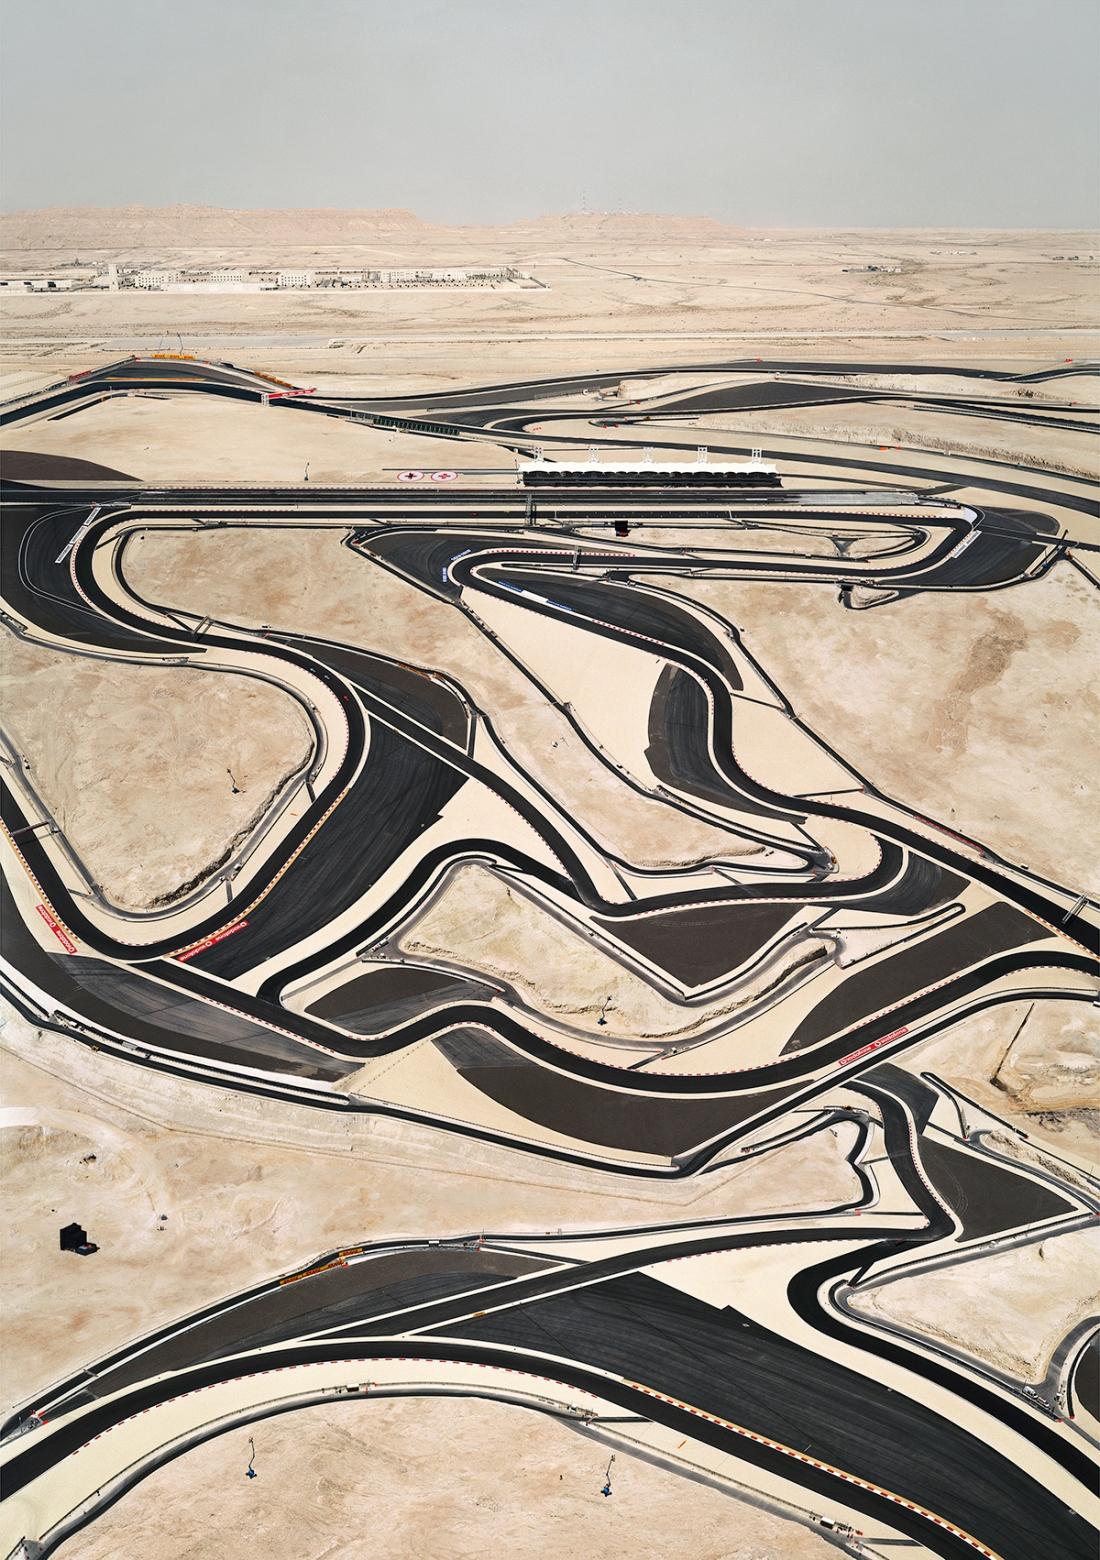 Andreas Gursky, Bahrain I, 2005 C-Print. 302.2 x 219.6 x 6.2 cm© Andreas Gursky/DACS, 2017. Courtesy: Sprüth Magers